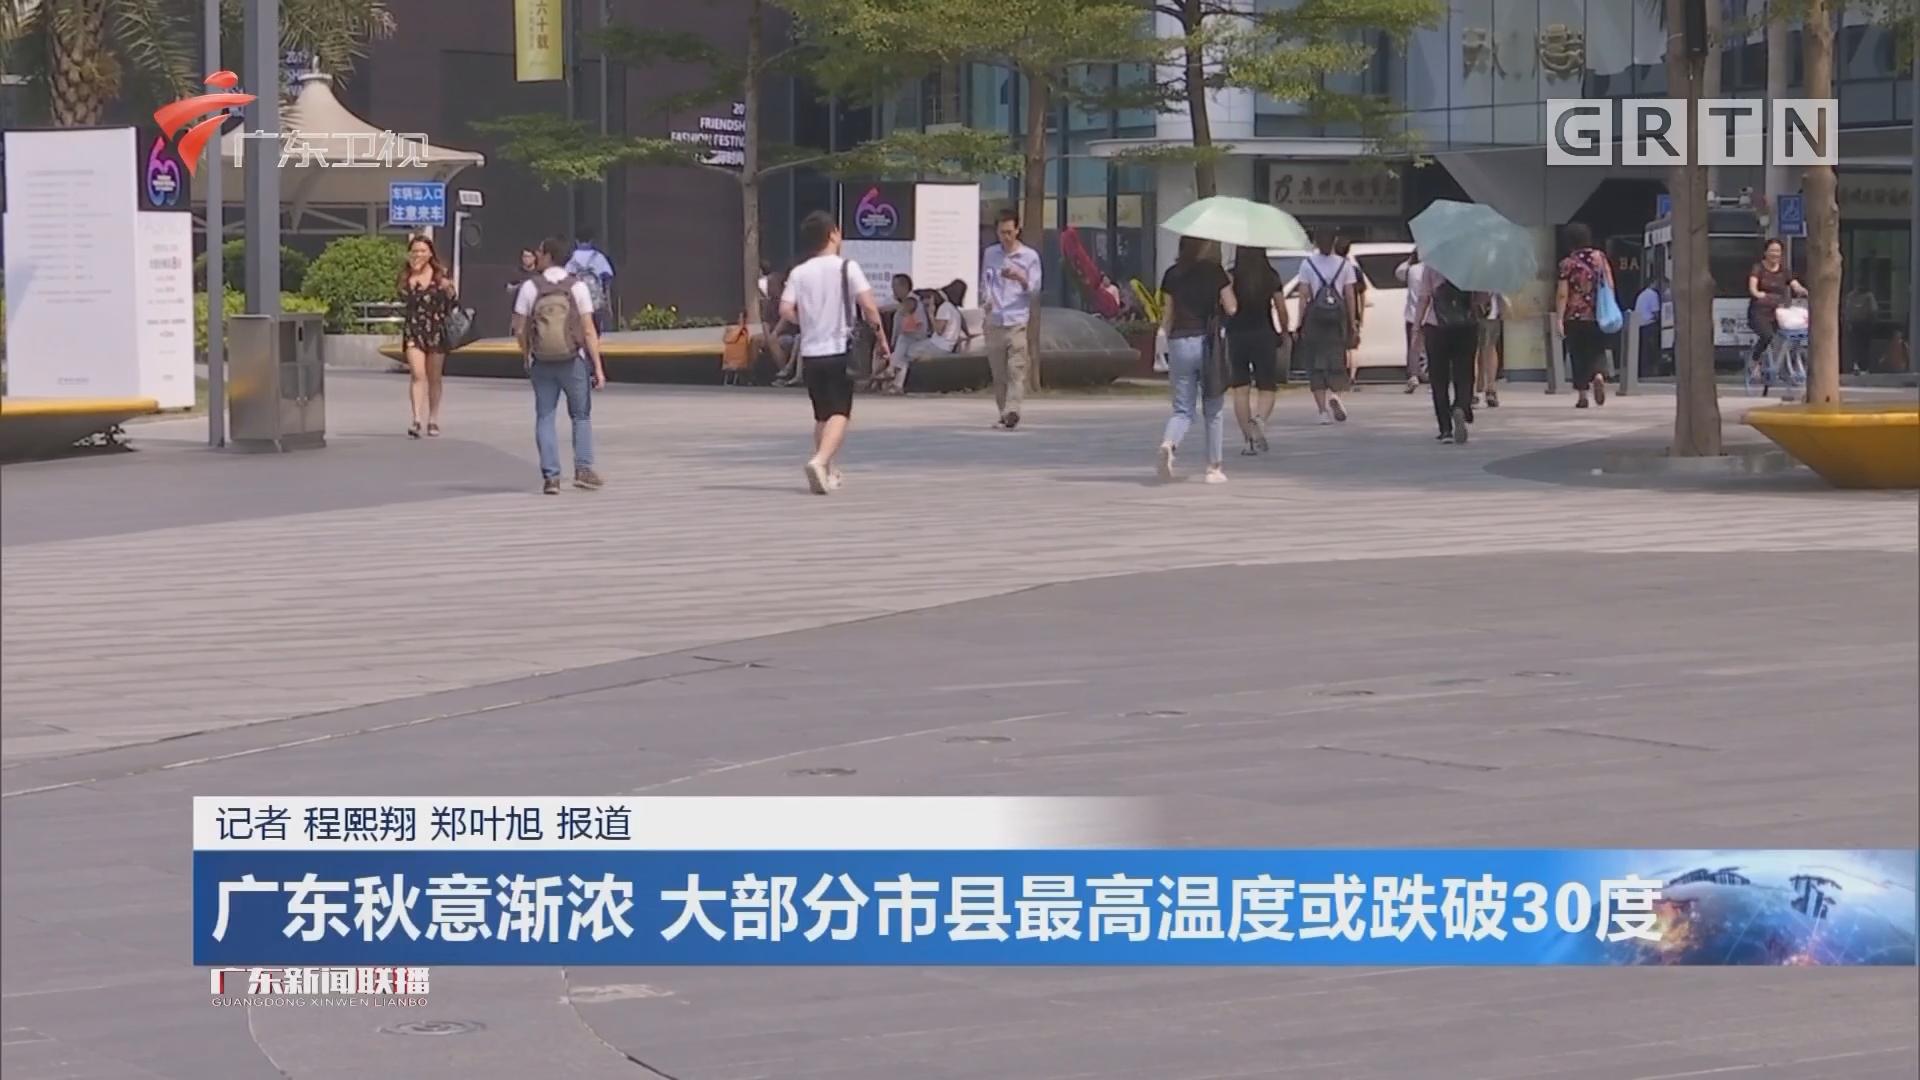 广东秋意渐浓 大部分市县最高温度或跌破30度